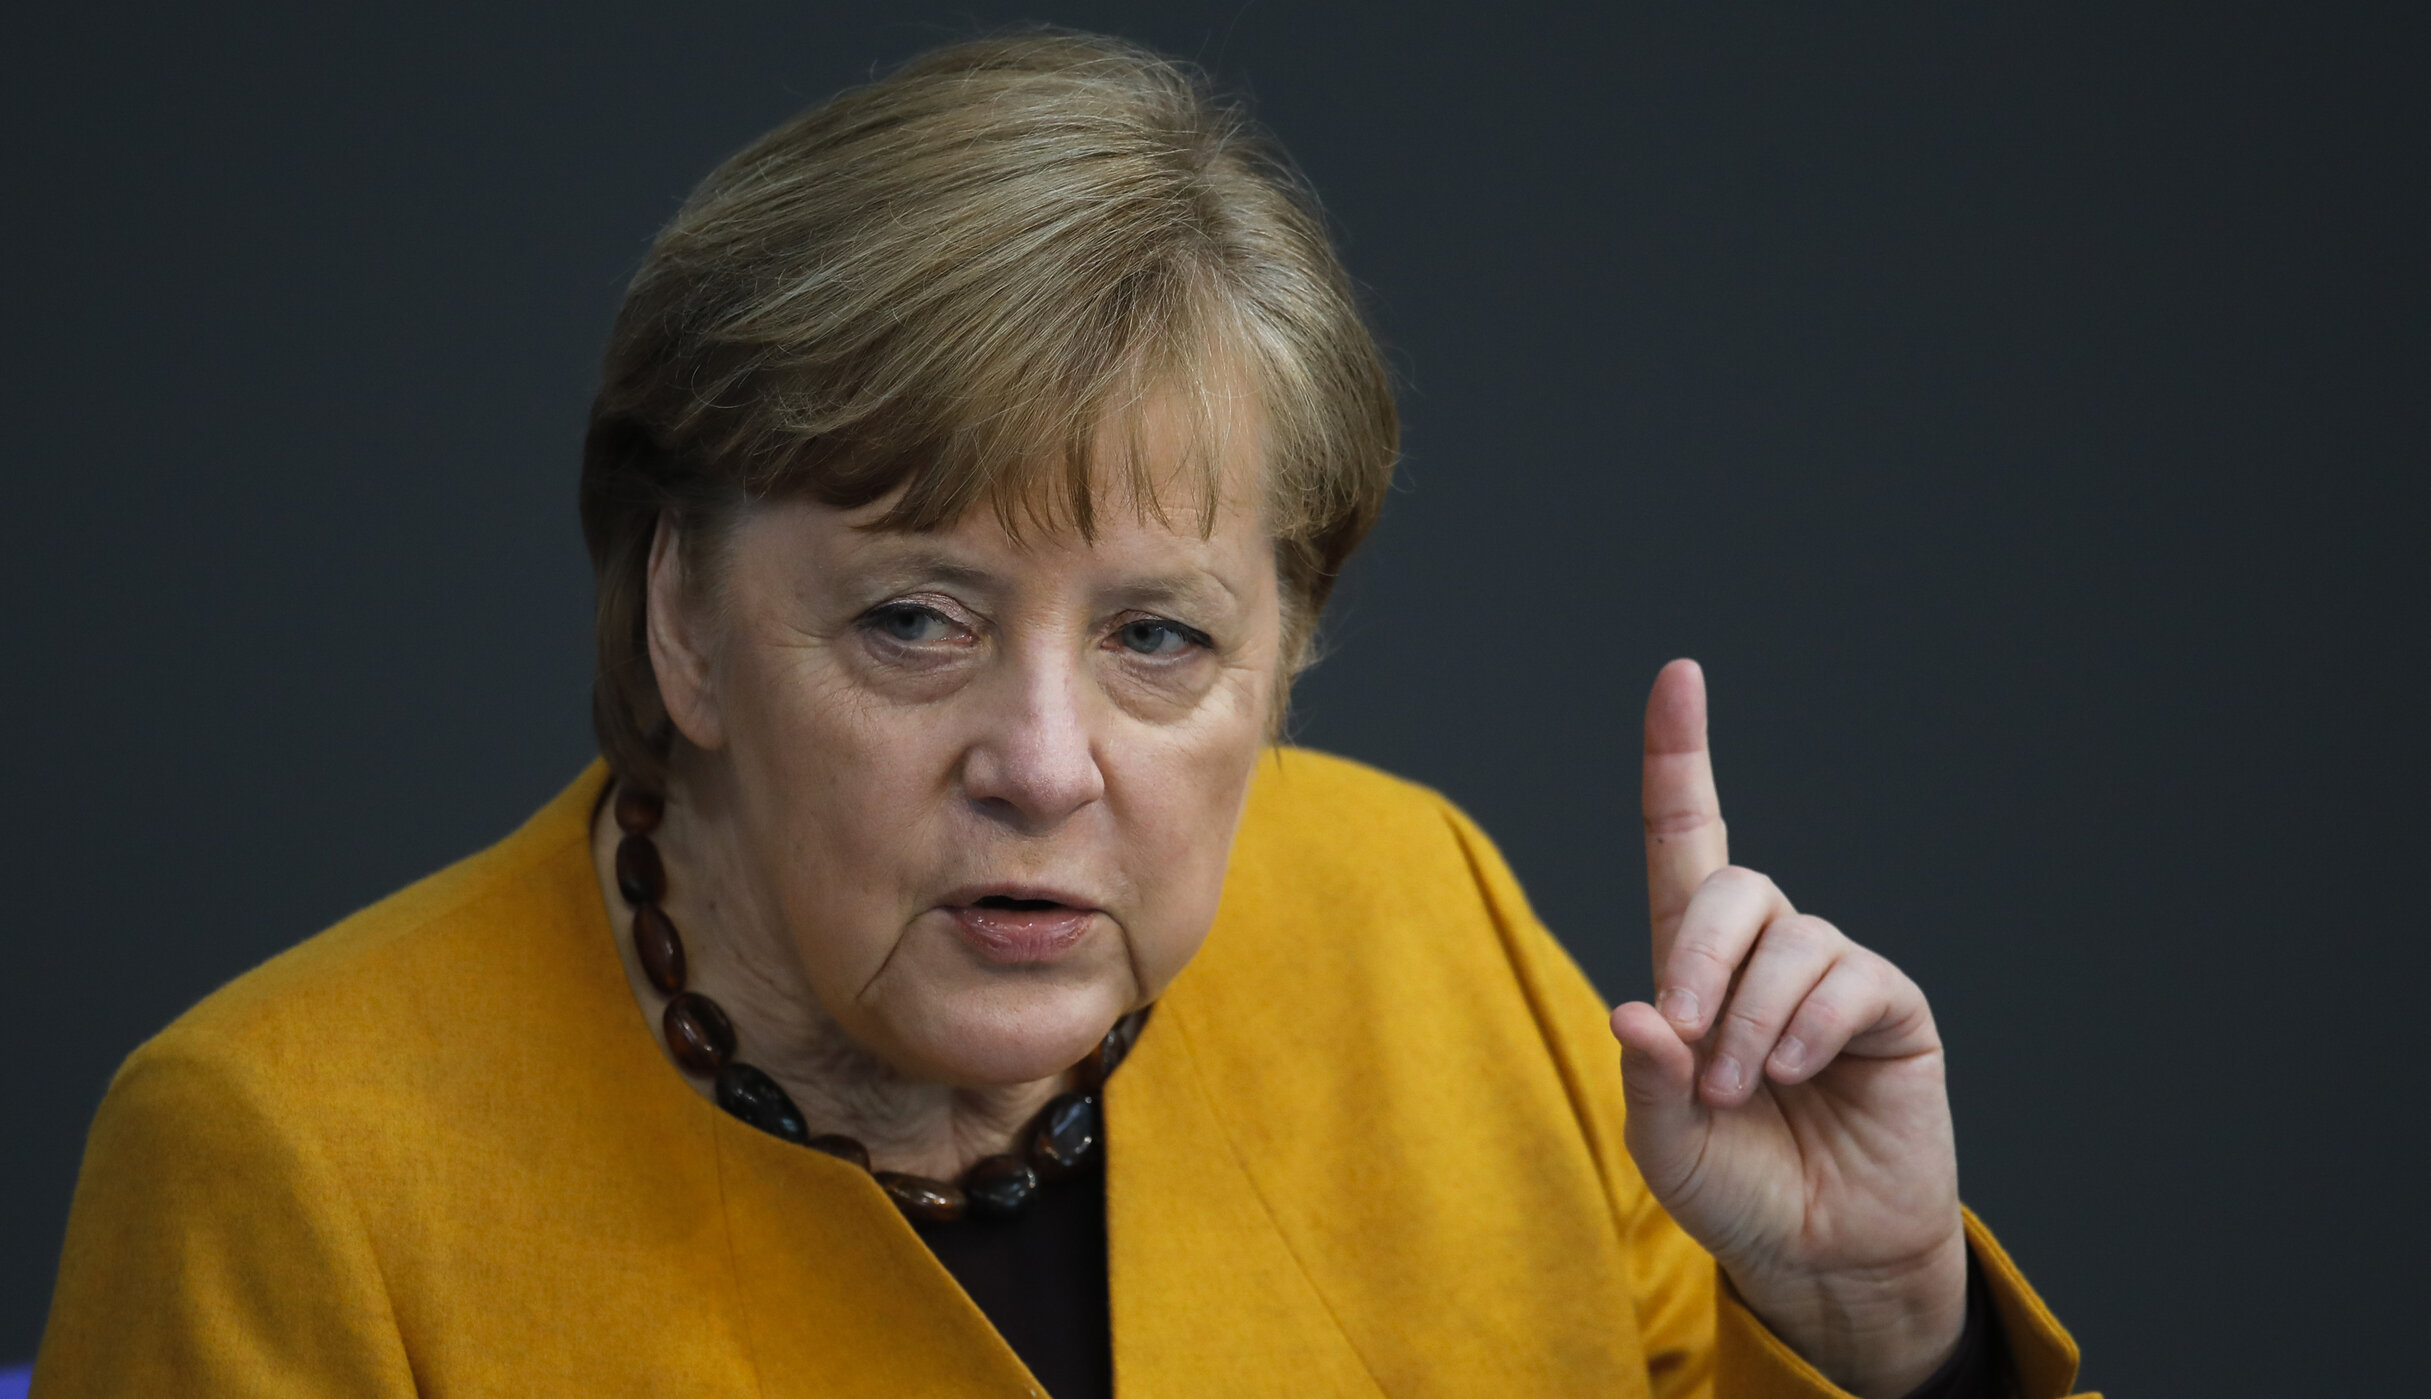 """Angela Merkel se răzgândeşte. Germanii vaccinați vor avea, """"cu siguranță"""", mai multă libertate decât cei care nu acceptă serul anti-Covid"""